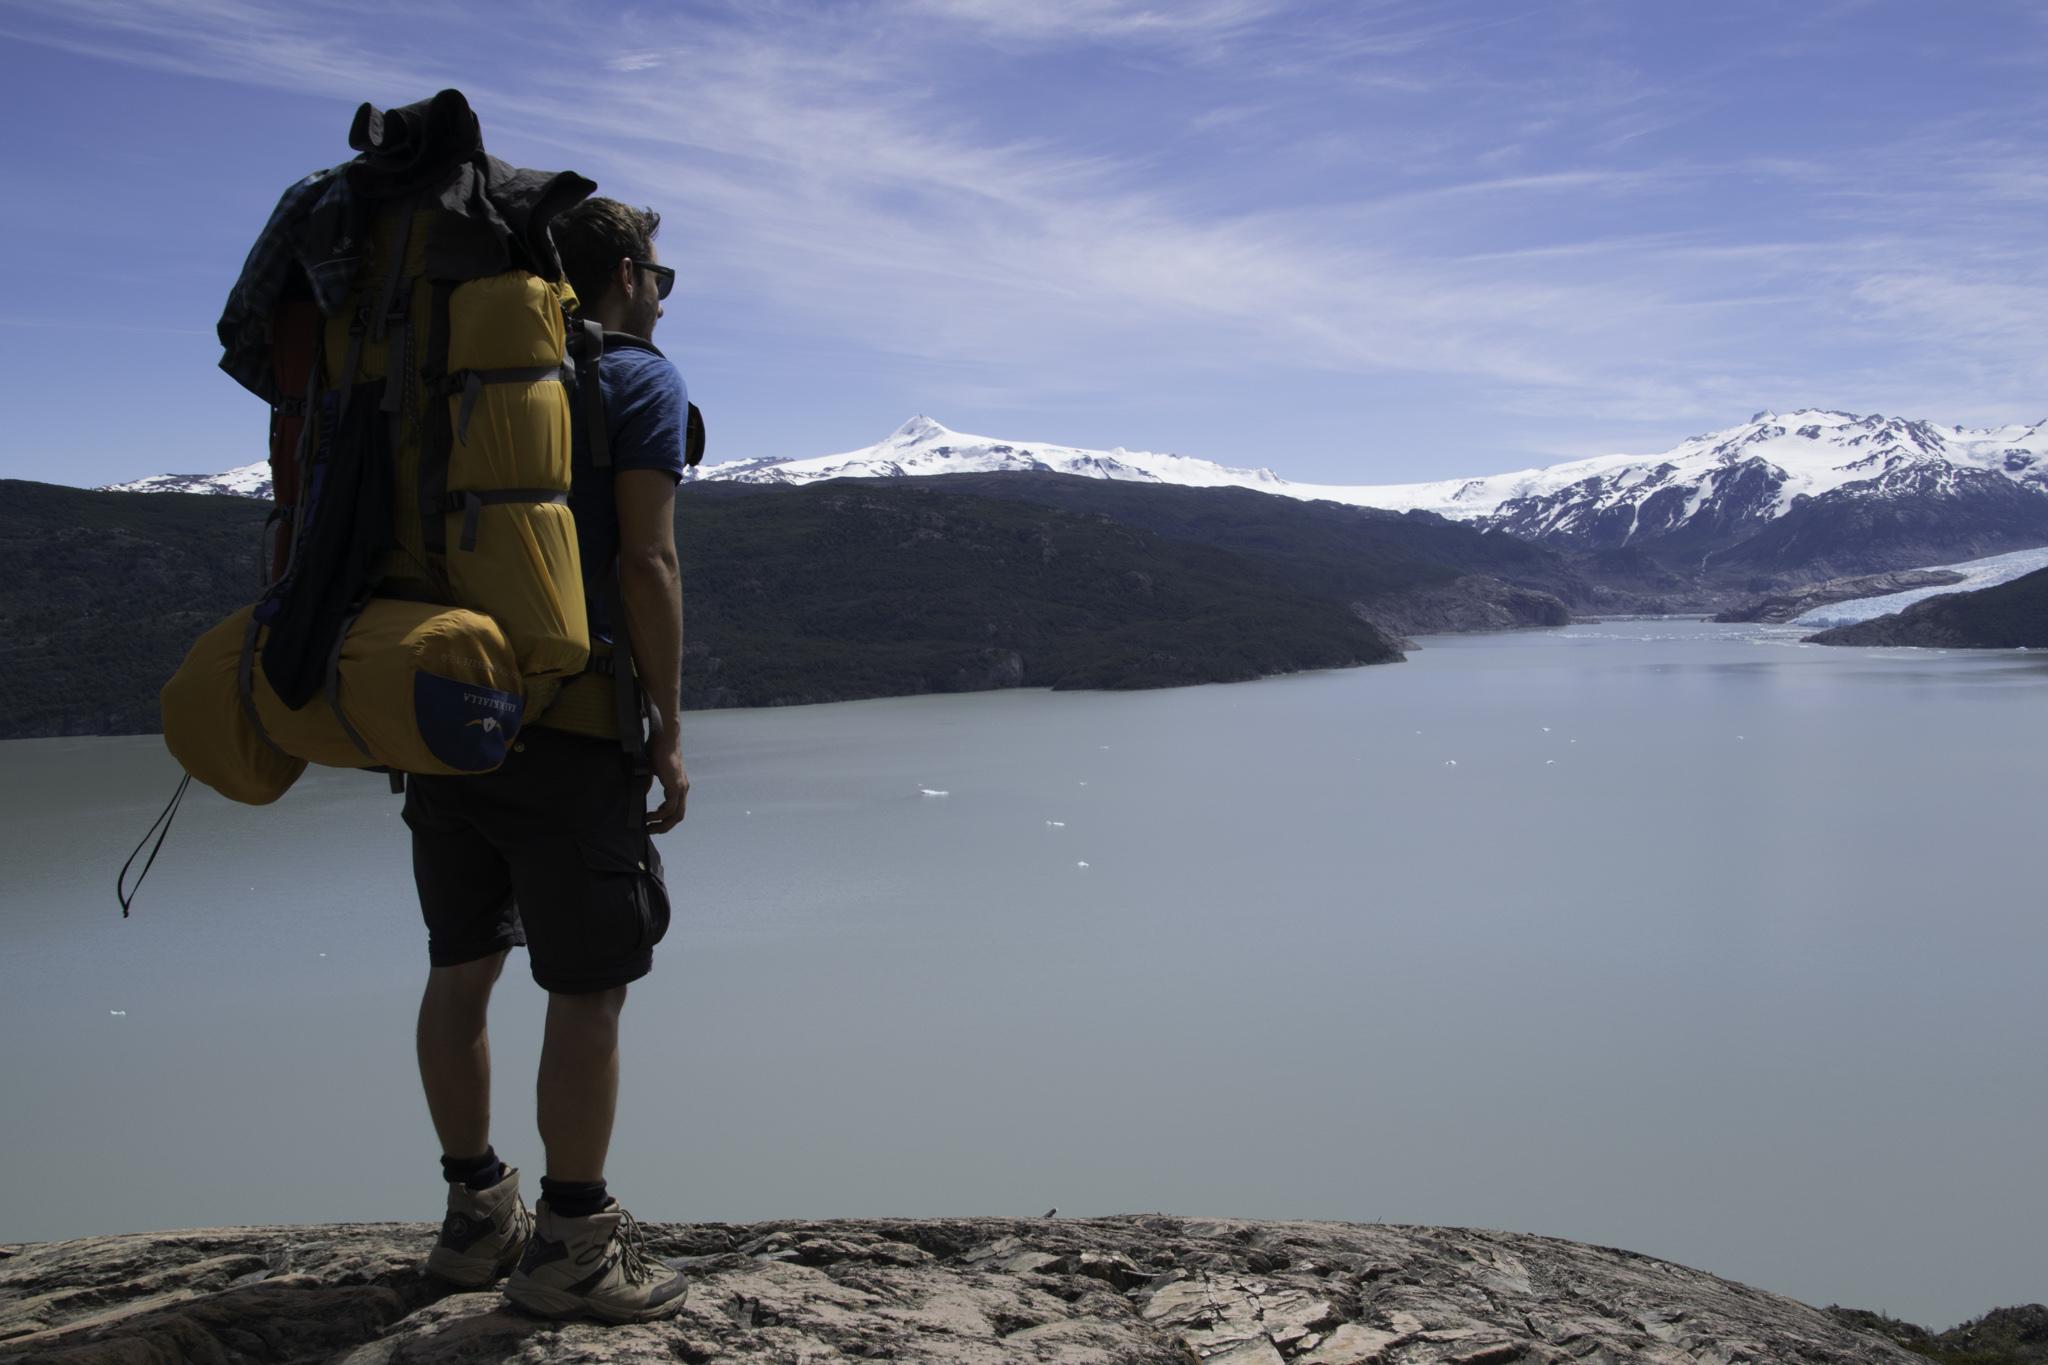 Für die Wanderung mussten wir Rucksack und Schuhe mieten